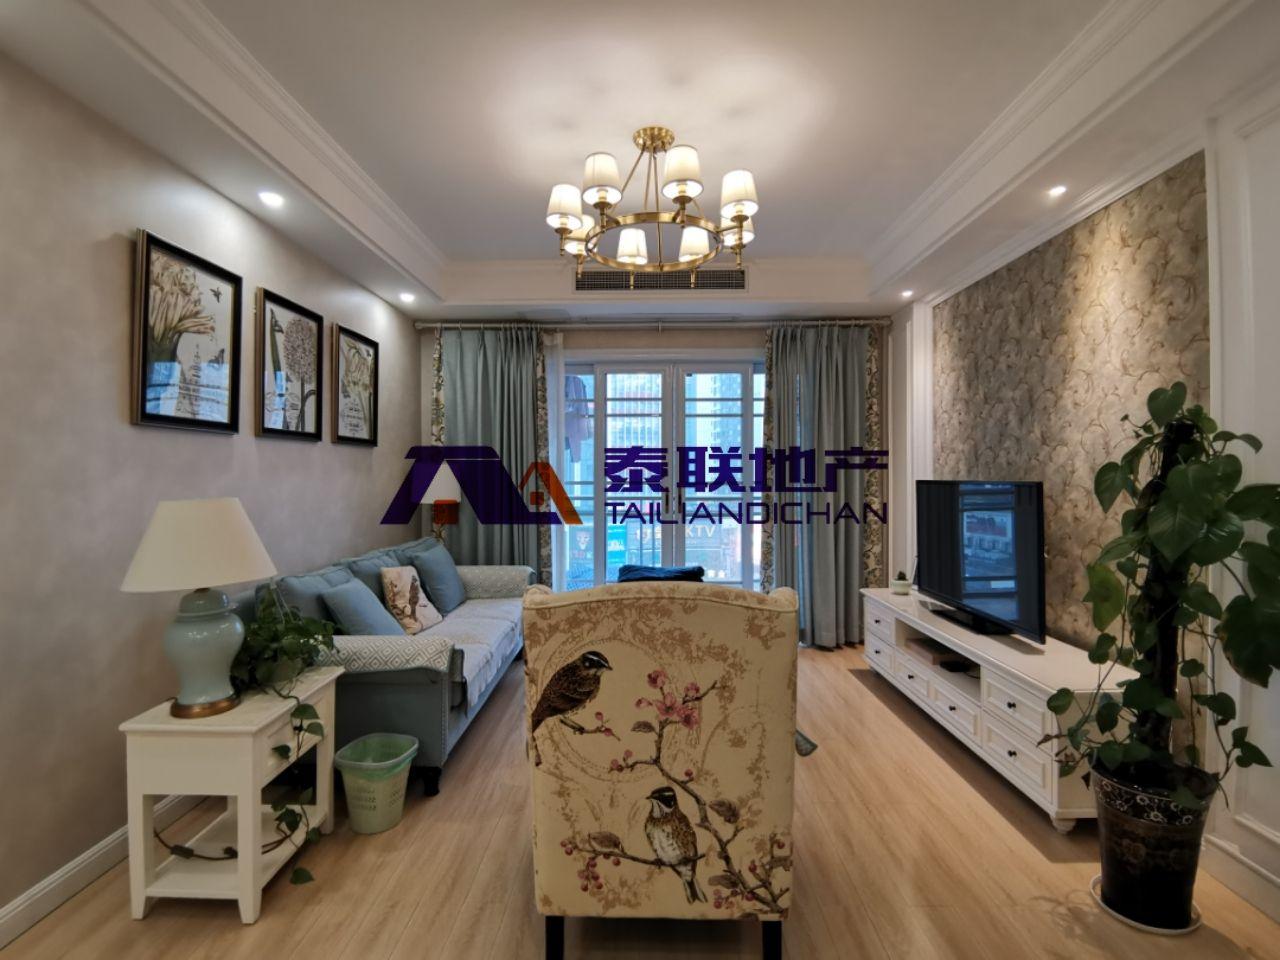 滨江国际优质房源,奉节城市中心,富人区,装修一年左右, 装修换房一步到位